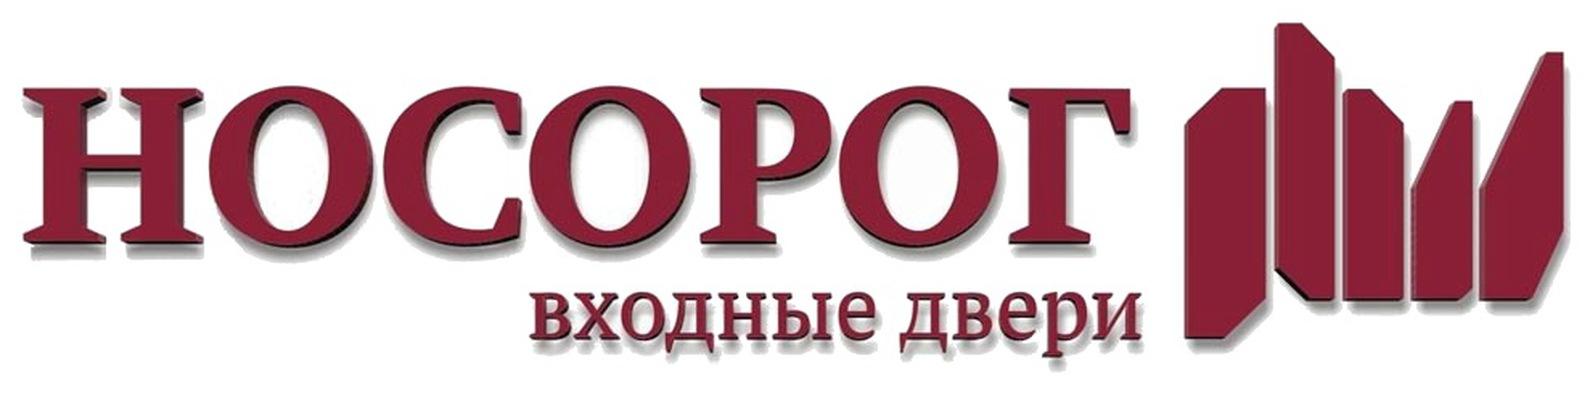 Компания носорог официальный сайт промышленная энергосбытовая компания официальный сайт